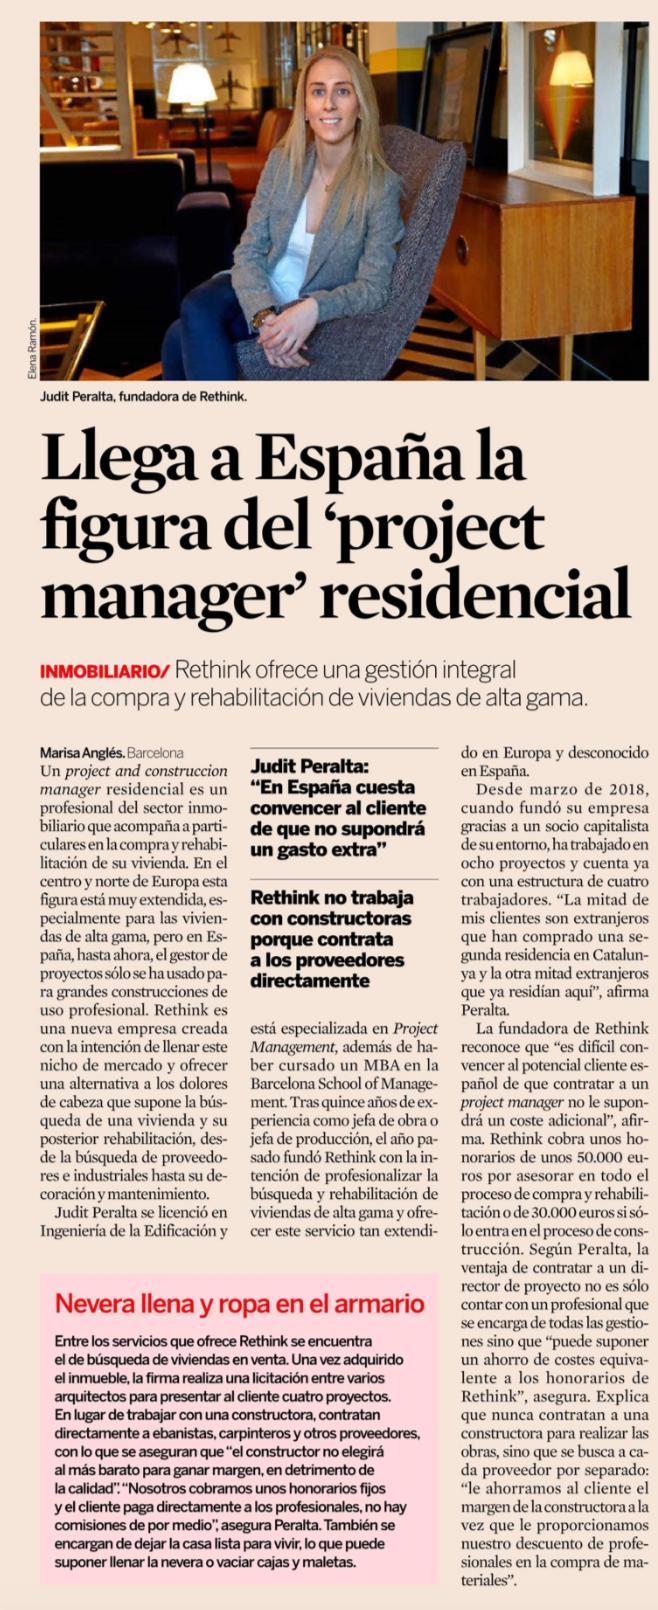 Judit Peralta concede una entrevistada al diario Expansión, explicando la nueva figura del Project Manager residencial.